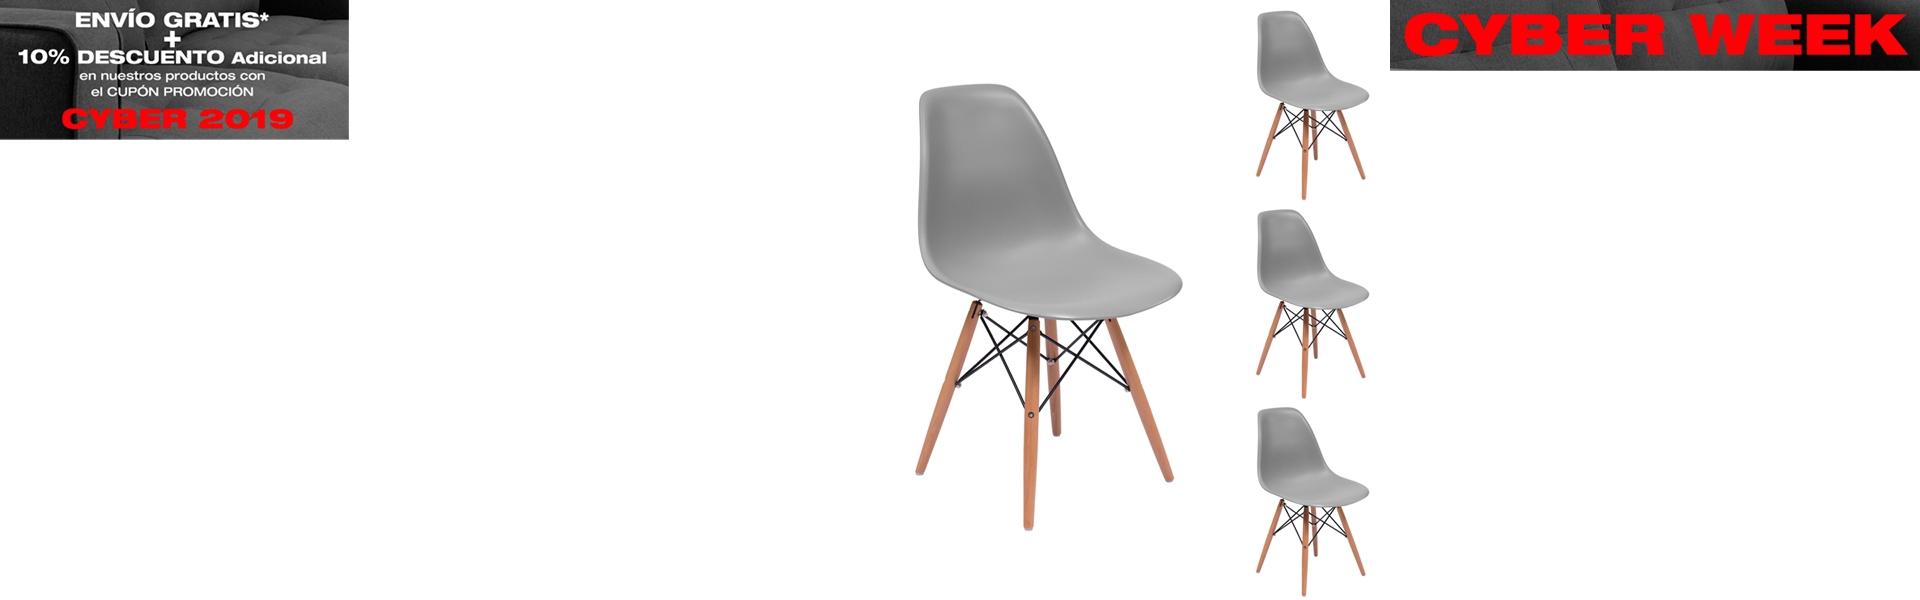 Juego de 4 sillas de comedor MAX inspiracion silla Tower de Eames